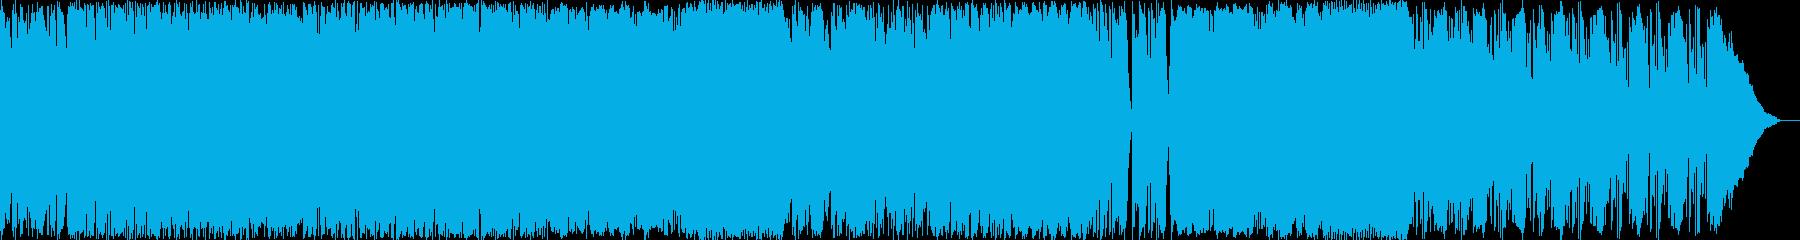 メタルロック壮大なオーケストラとピアノの再生済みの波形